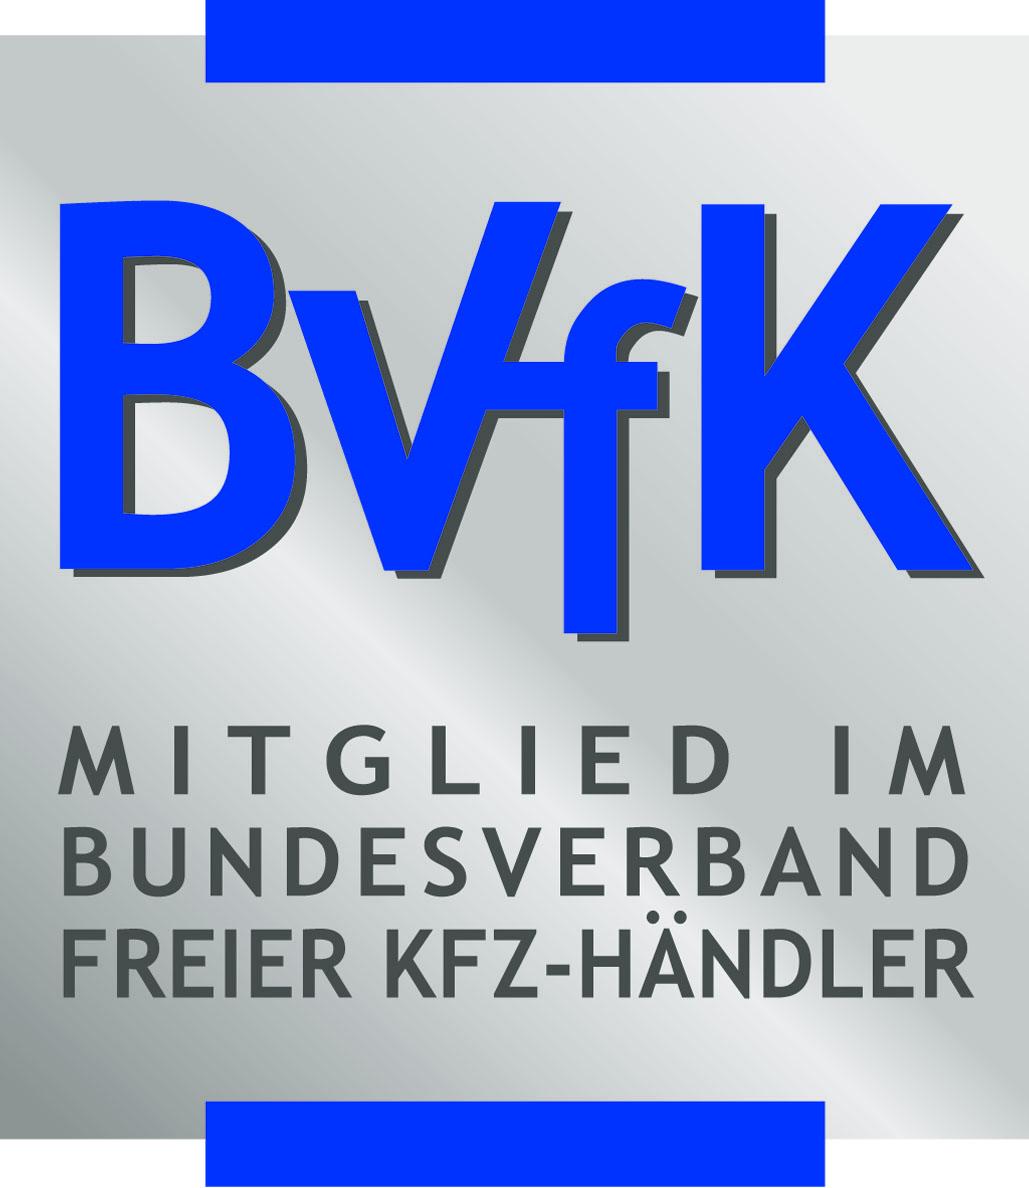 Mitglied im BVfK Logo-Vector-RZ [Konvertiert]